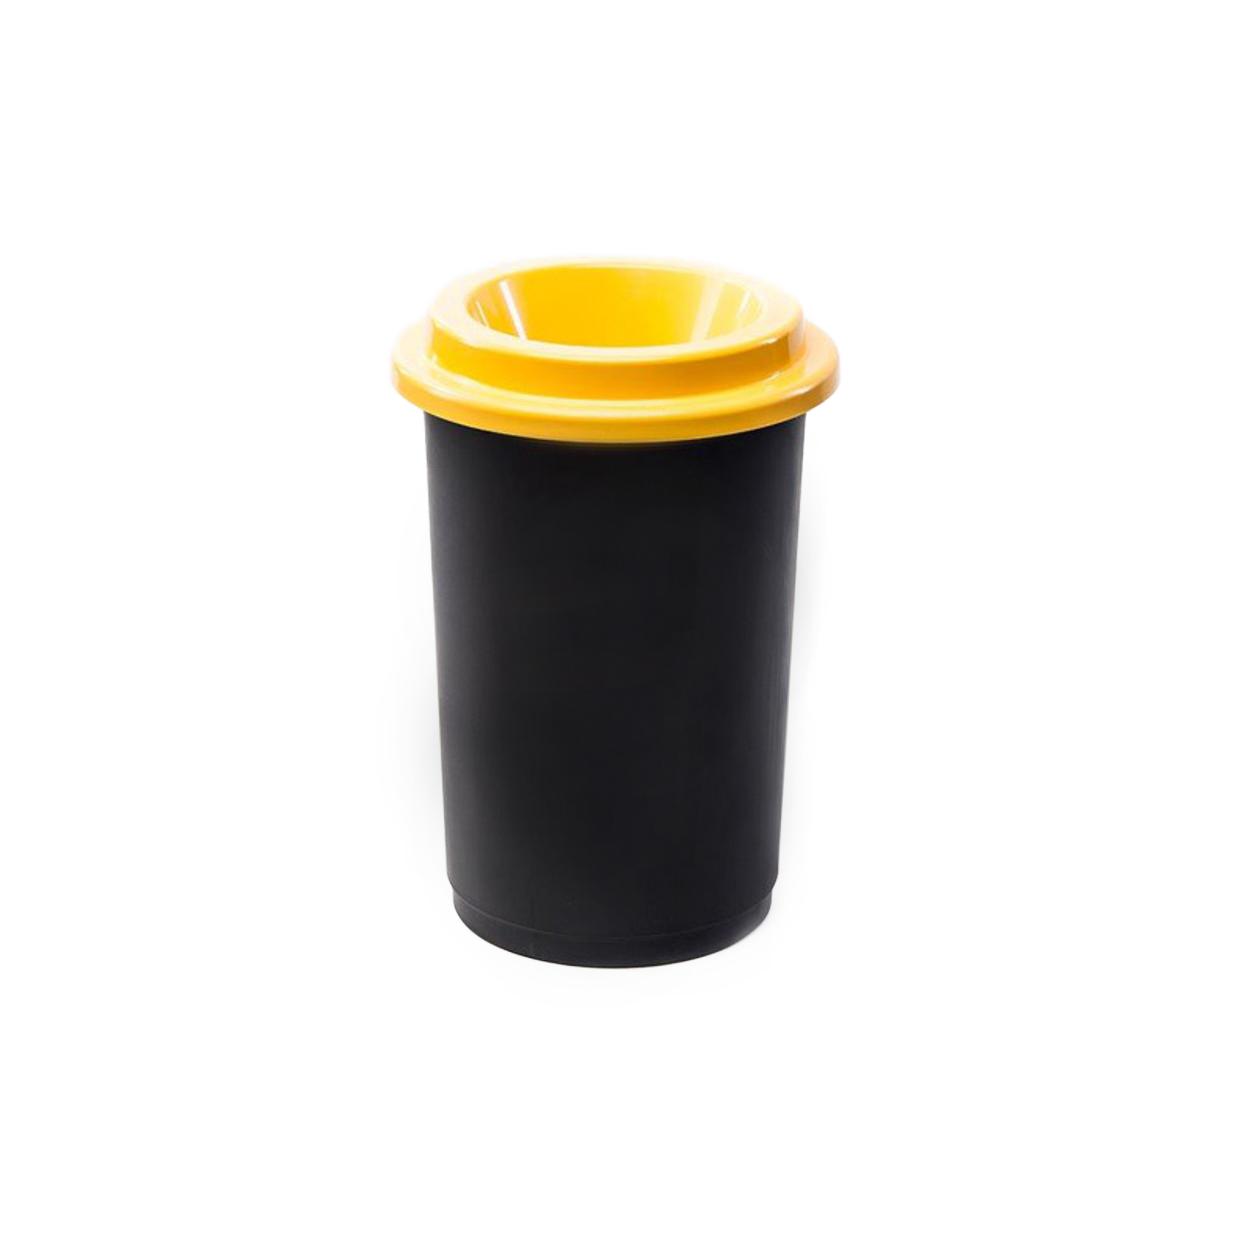 Guľatý plastový kôš na triedený odpad, 50 l, žltá